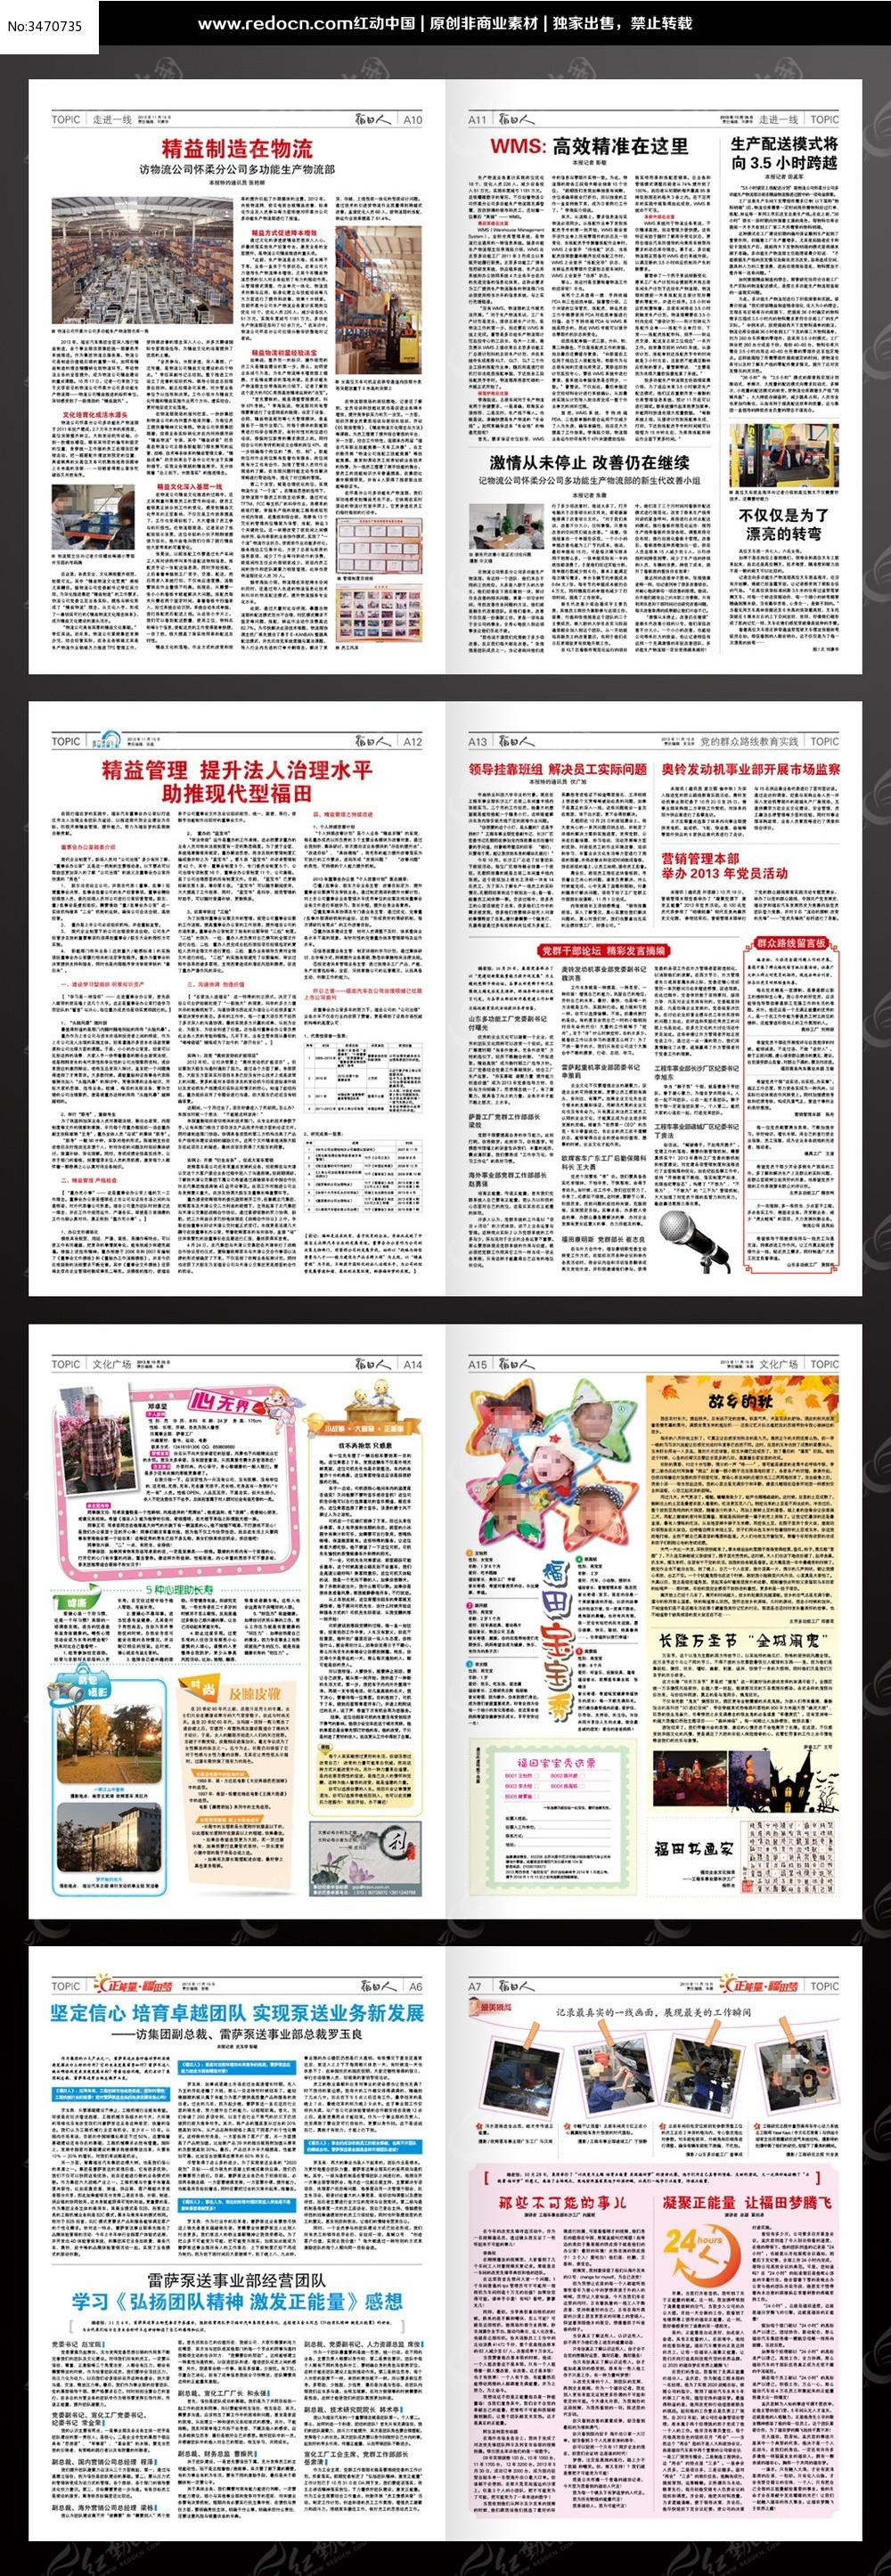 企业报纸版面设计indd格式图片